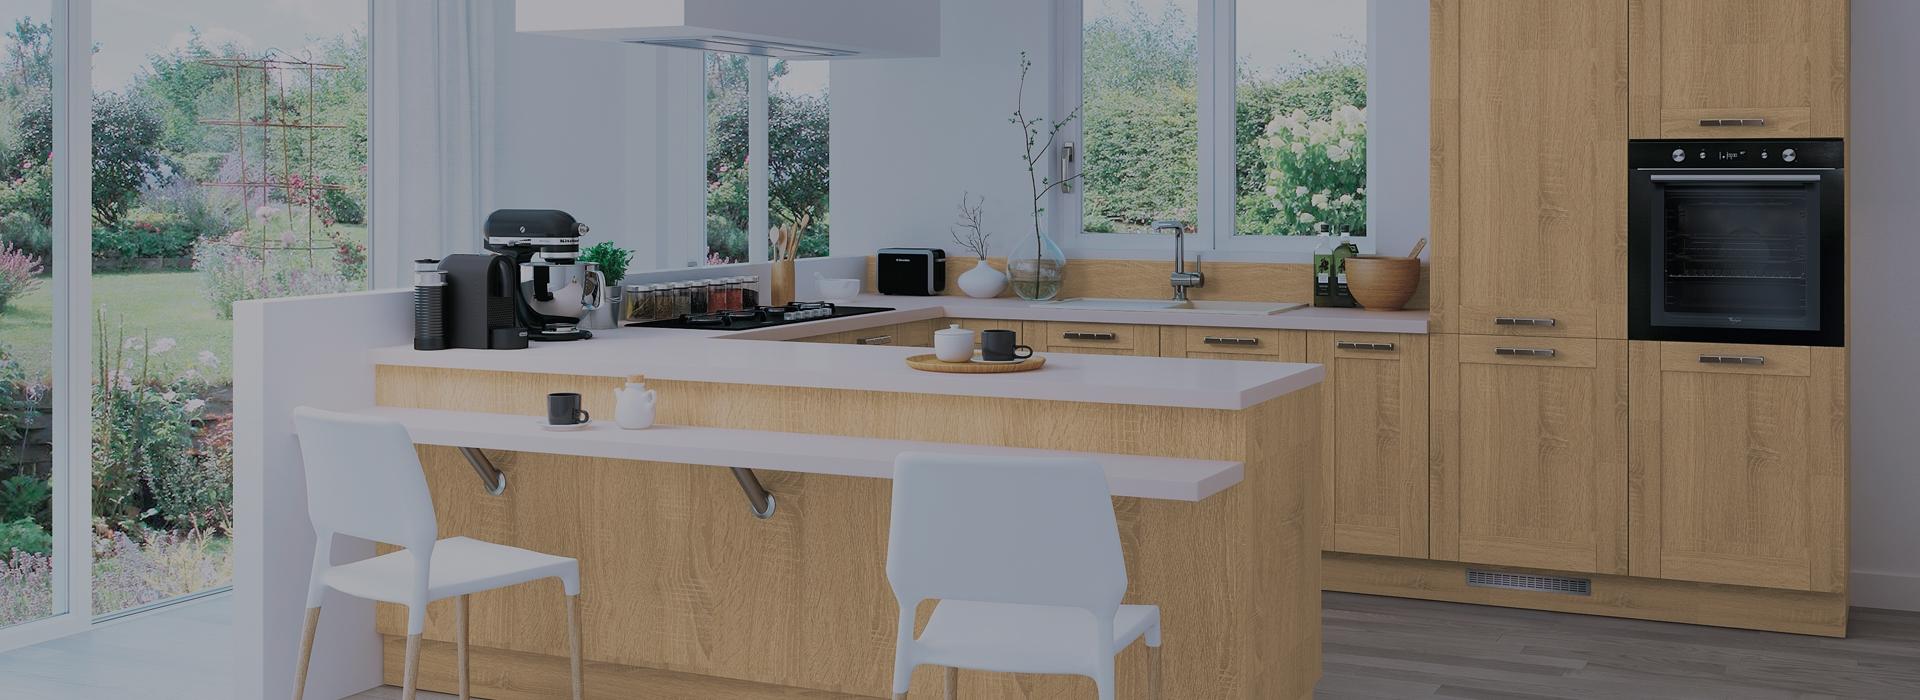 Photo Cuisine Bois Clair tendance des cuisines aux façades en bois clairs et bois